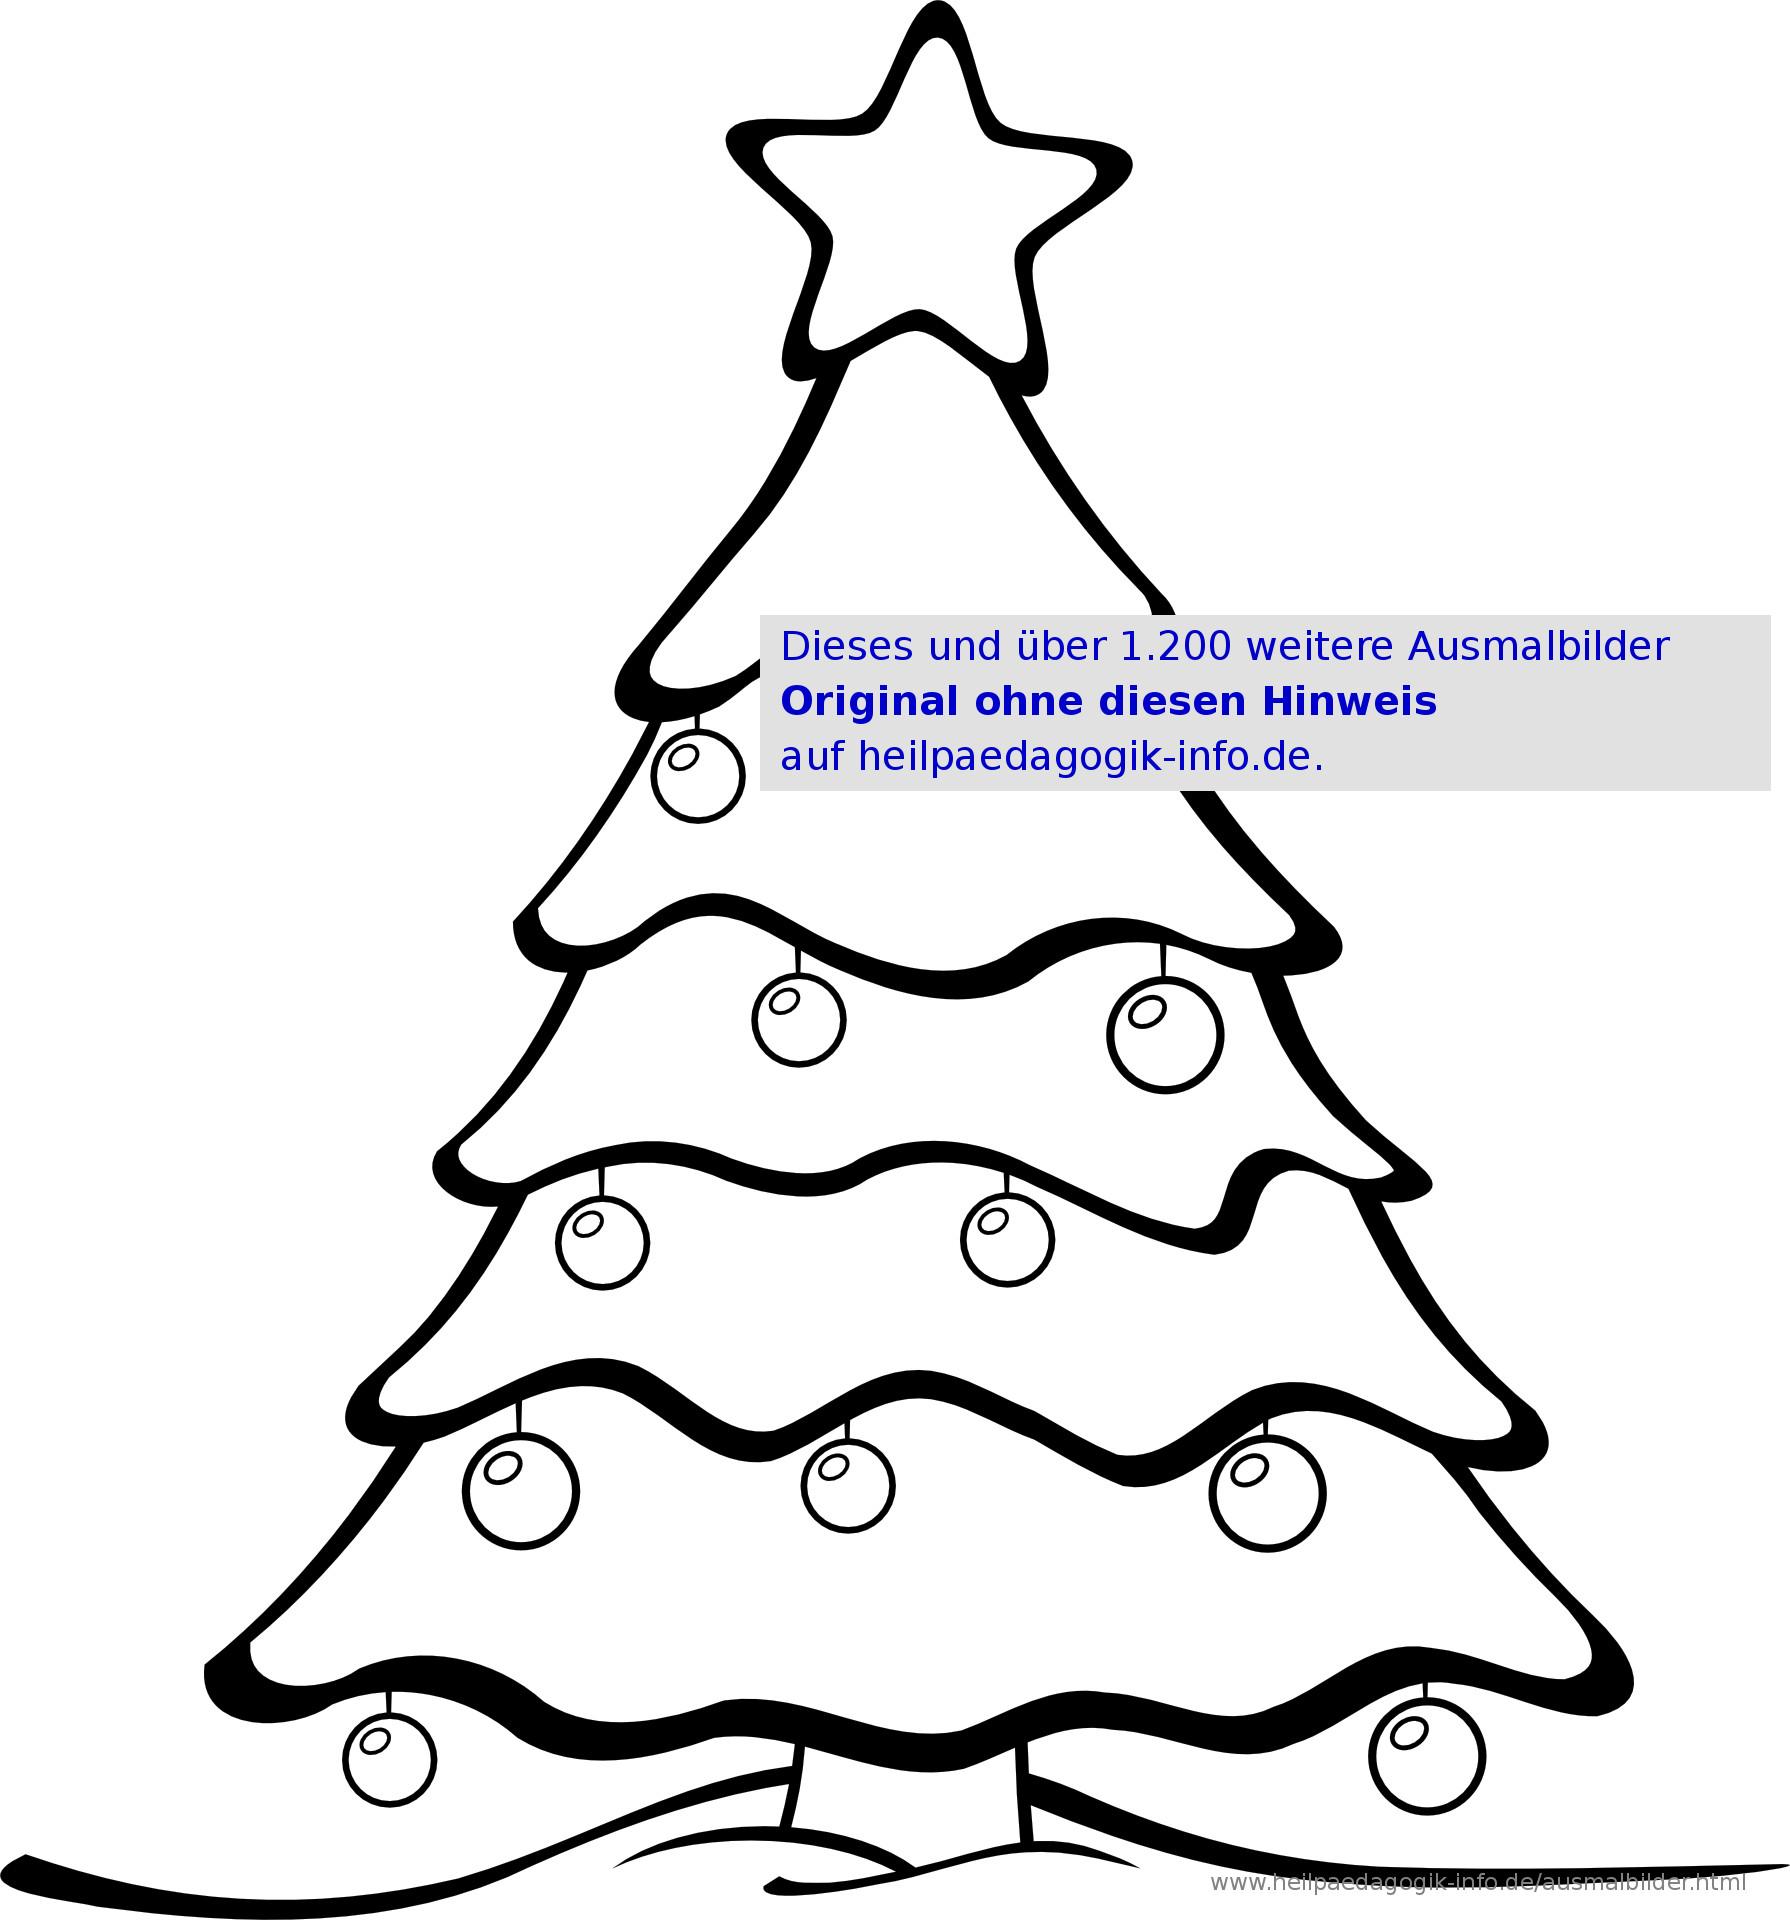 Ausmalbilder Weihnachten Tannenbaum Mit Geschenken Inspirierend Ausmalbilder Weihnachten Bild